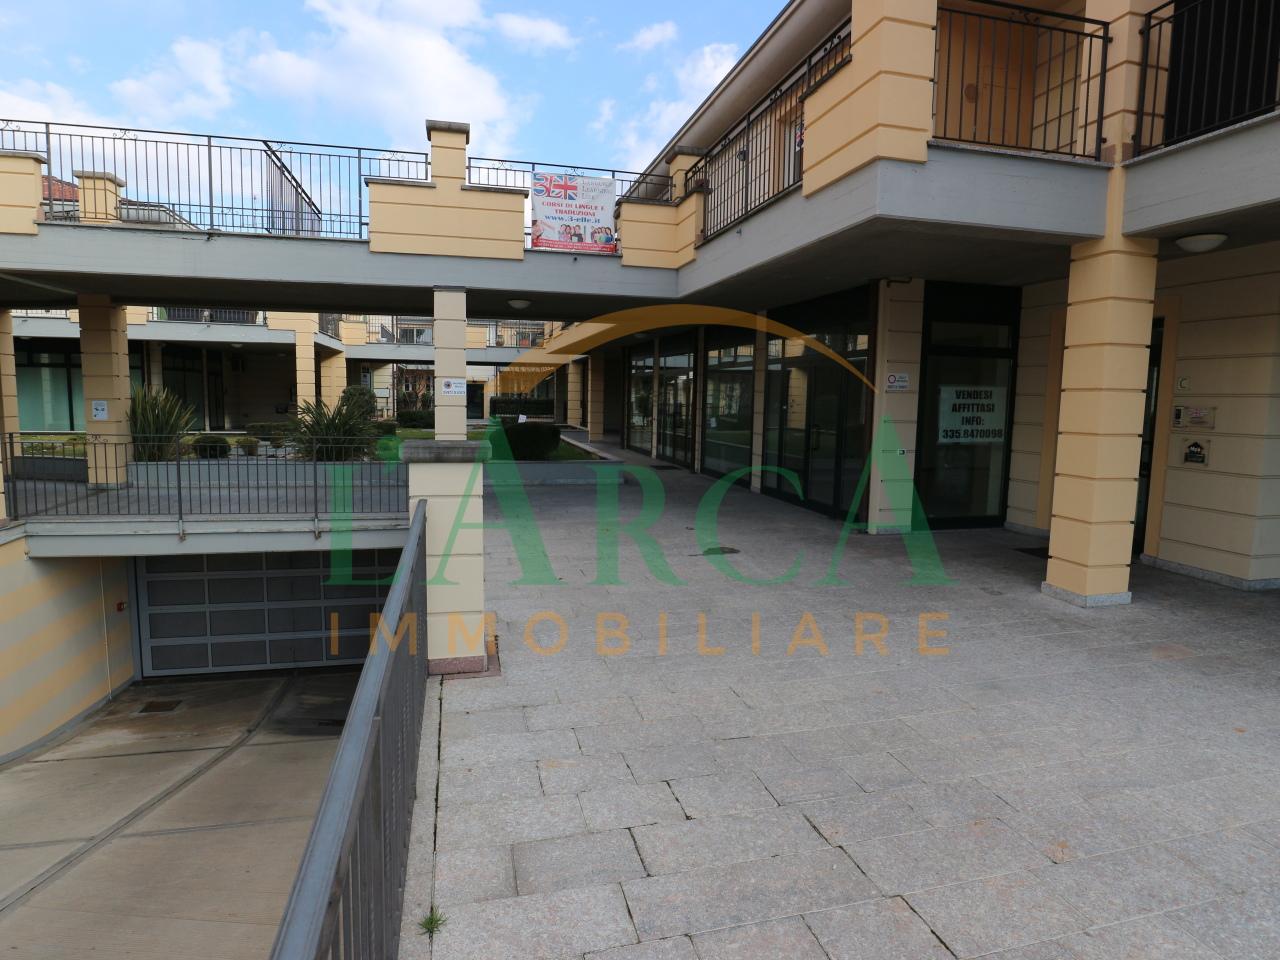 Locale commerciale - 3 Vetrine a Sarnico Rif. 8282631